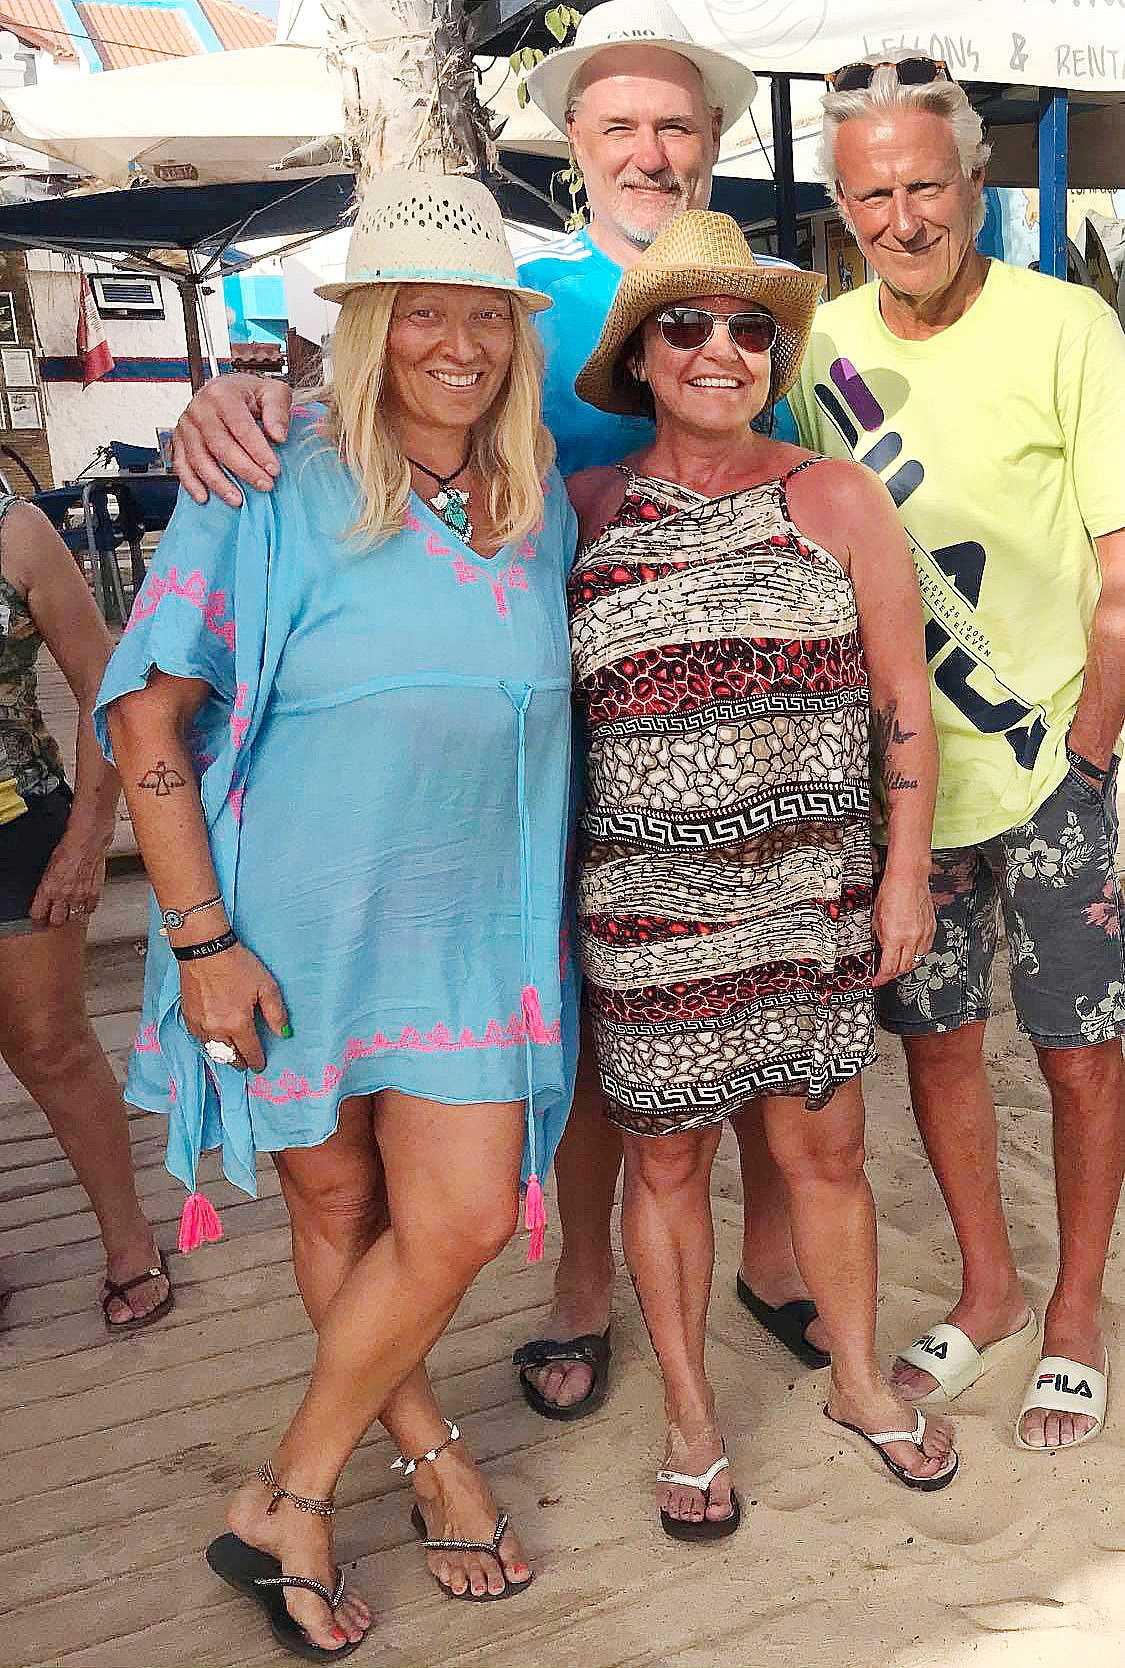 """Glenn Hysén, 60, och hustrun Camilla Lendott Hysén, 51, mötte makarna Björn och Patricia Borg under semestern på Kap Verde. """"Han är en av de stora hjältarna för mig"""", säger Glenn som hoppas att de ska hinna äta middag med paret Borg."""